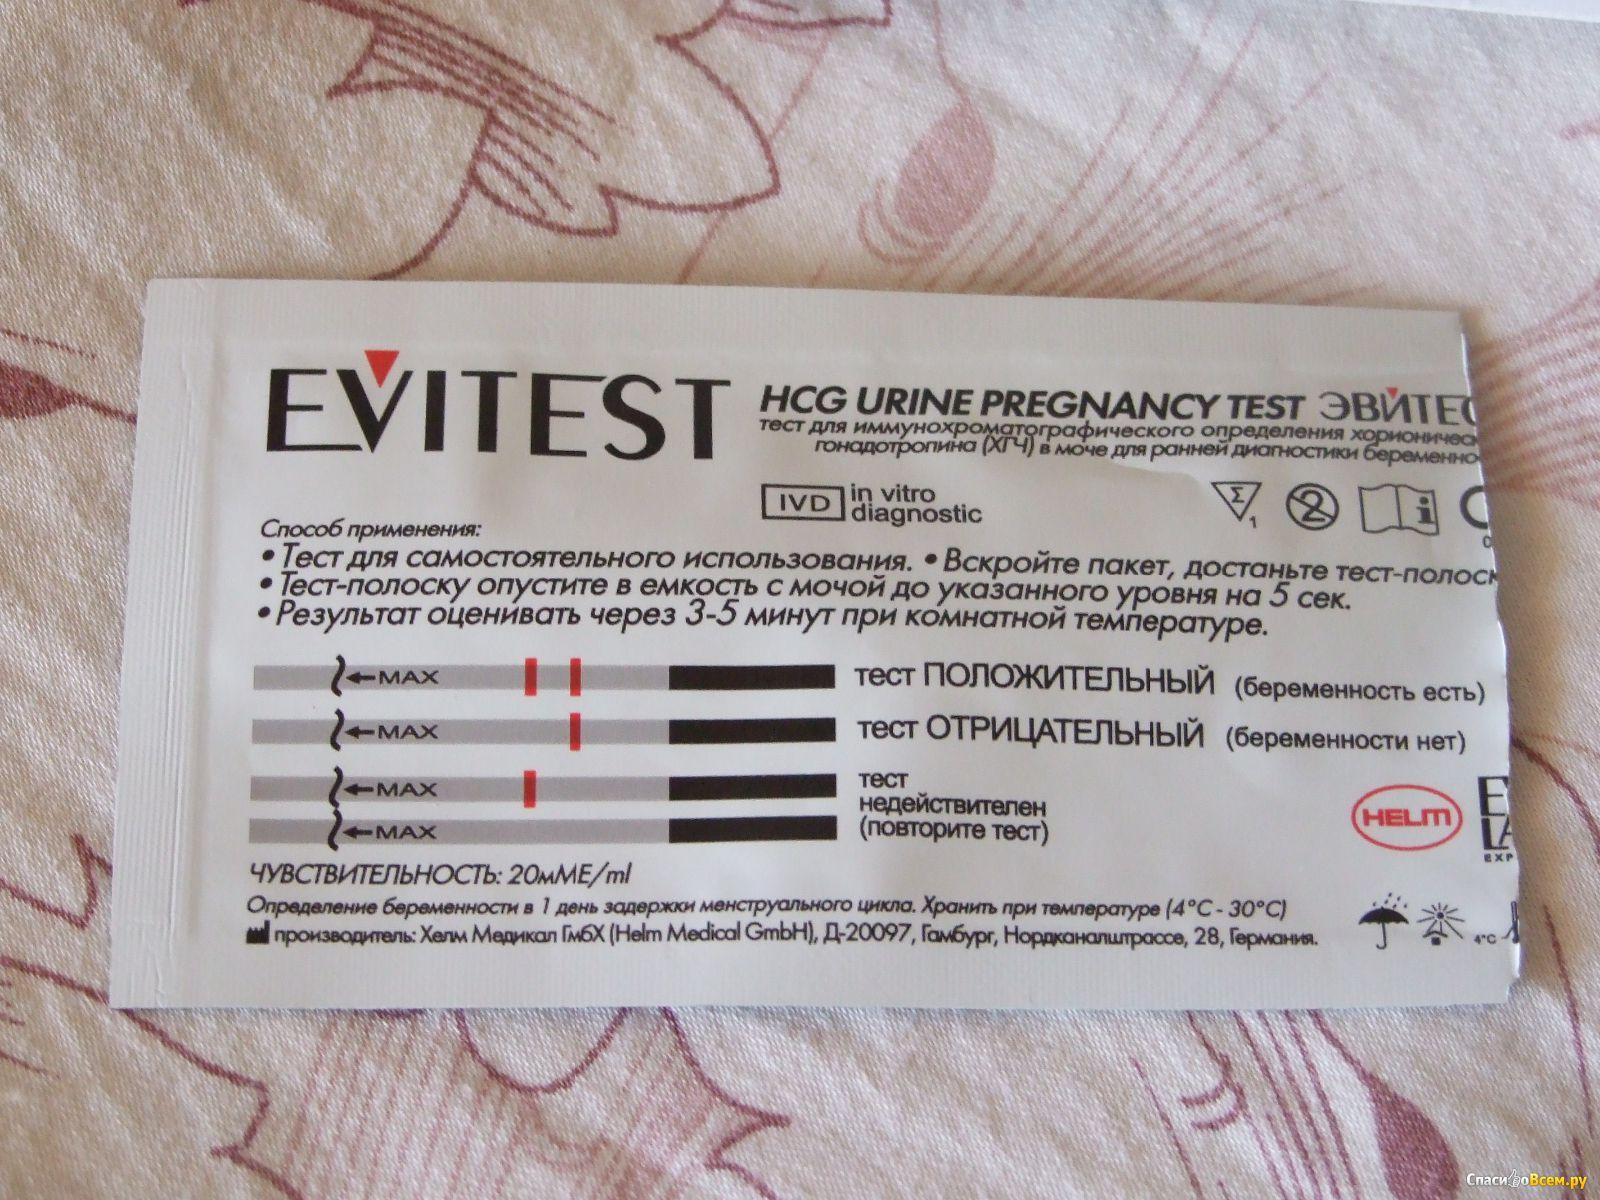 Бабушкины тесты на беременность! Кто пользовался?! - БэбиБлог 81